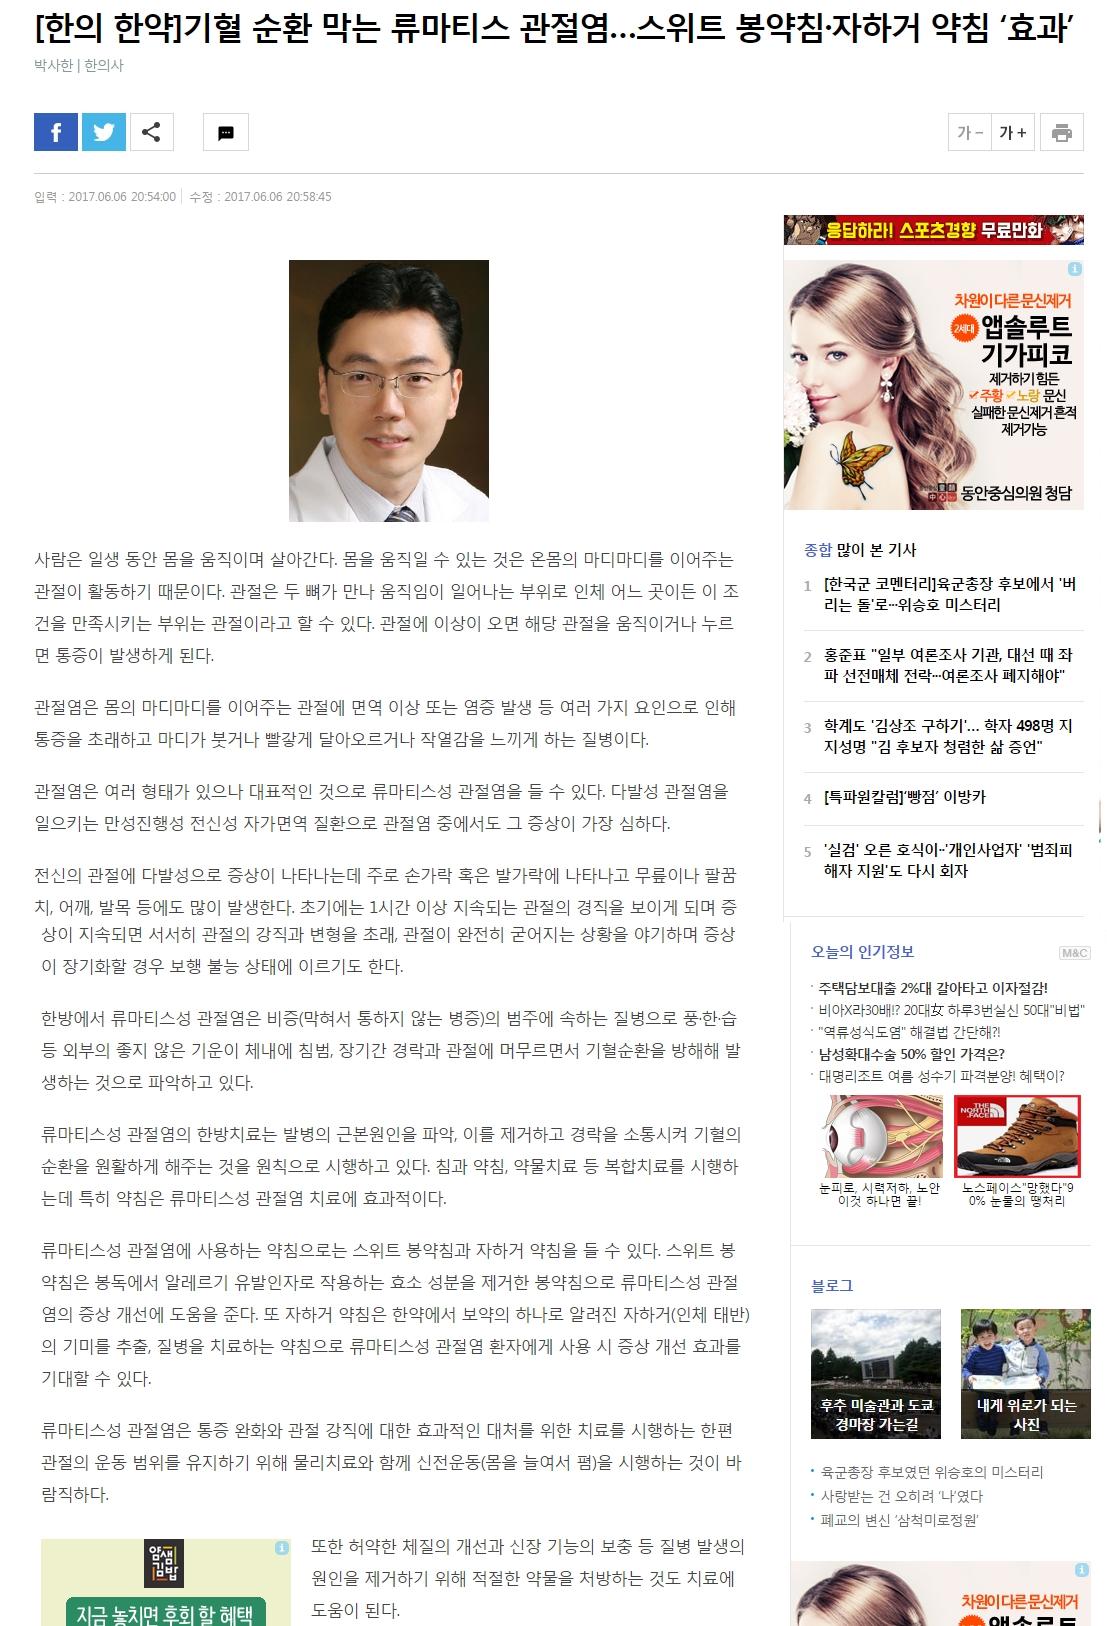 박사한 경향신문.jpg